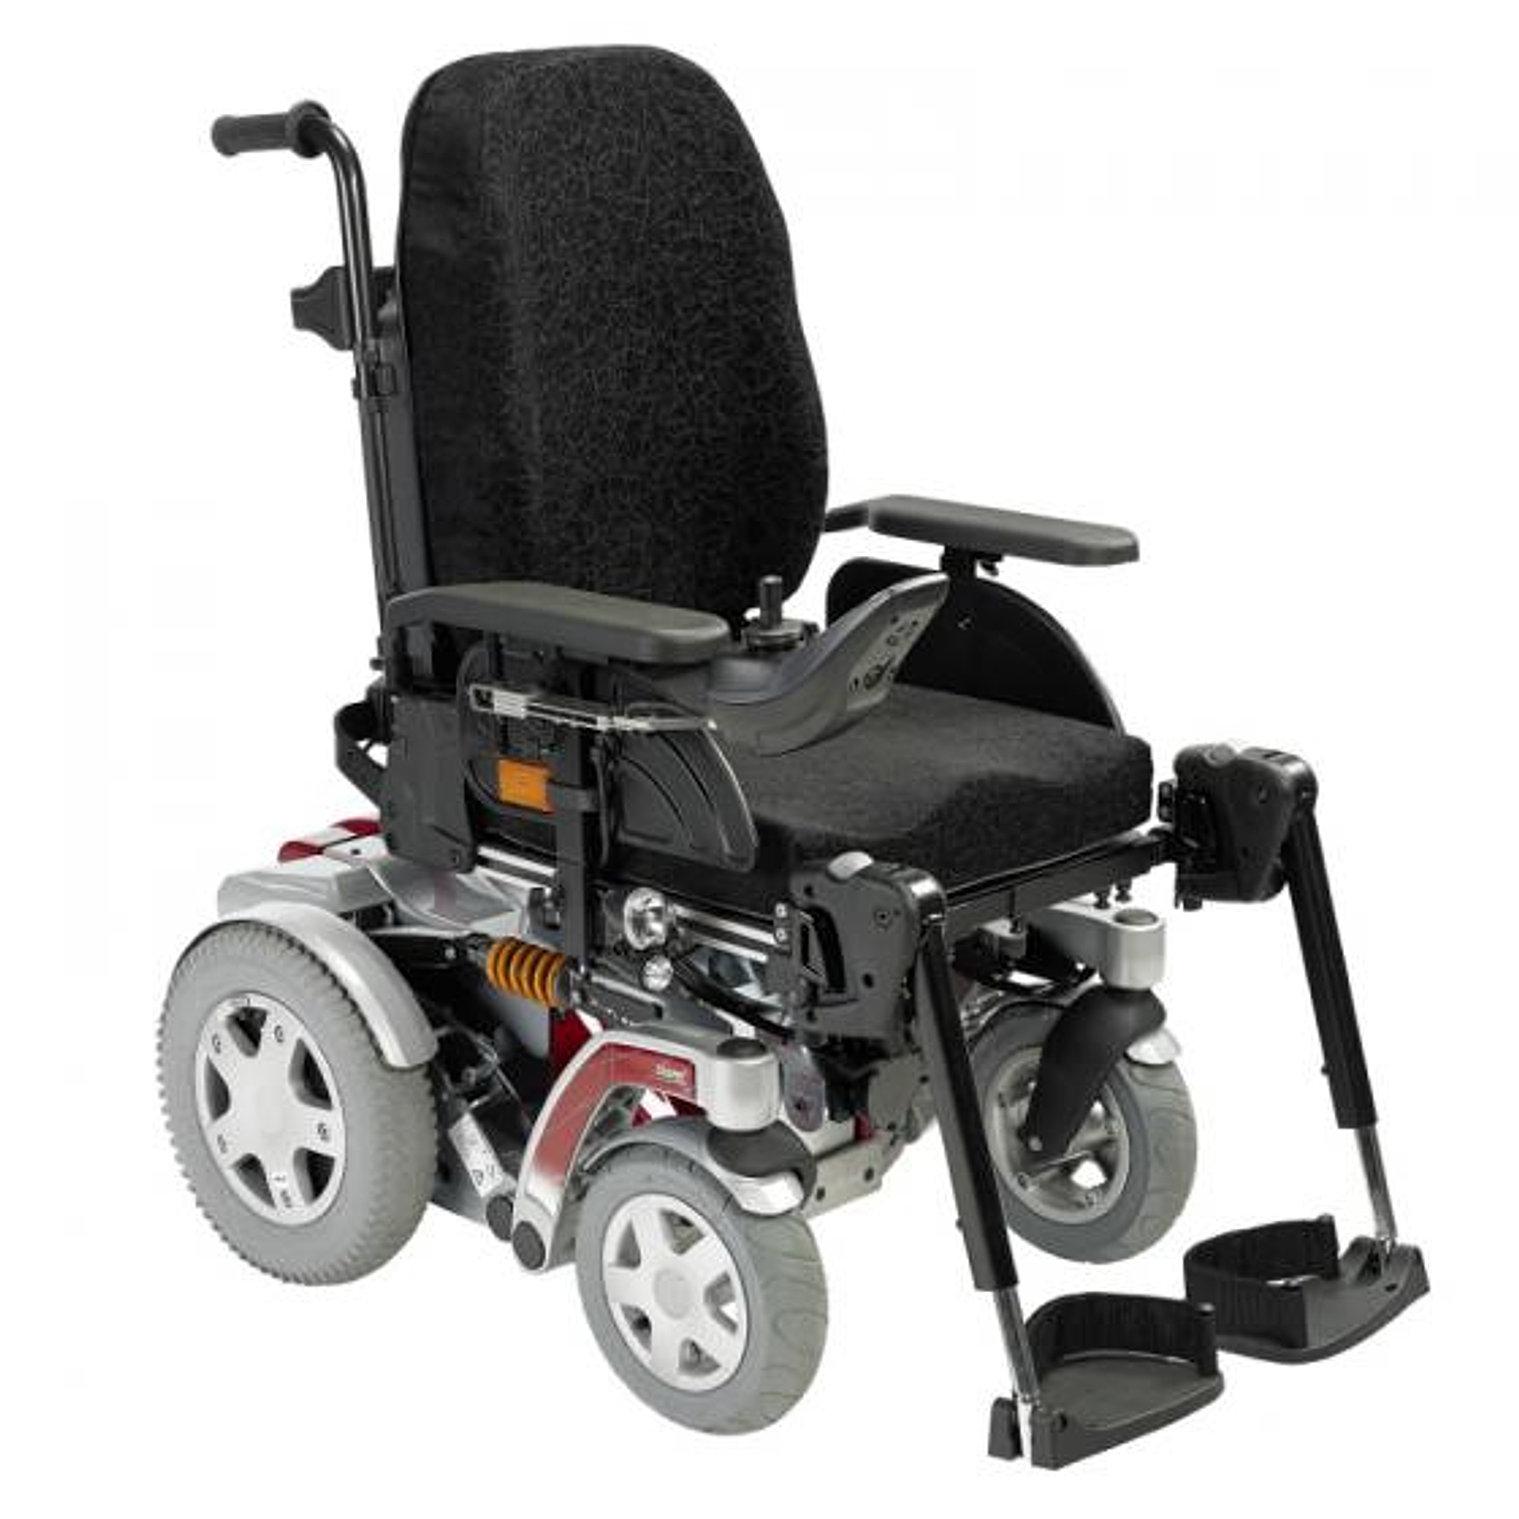 bastide le confort m dical fauteuil roulant electrique. Black Bedroom Furniture Sets. Home Design Ideas